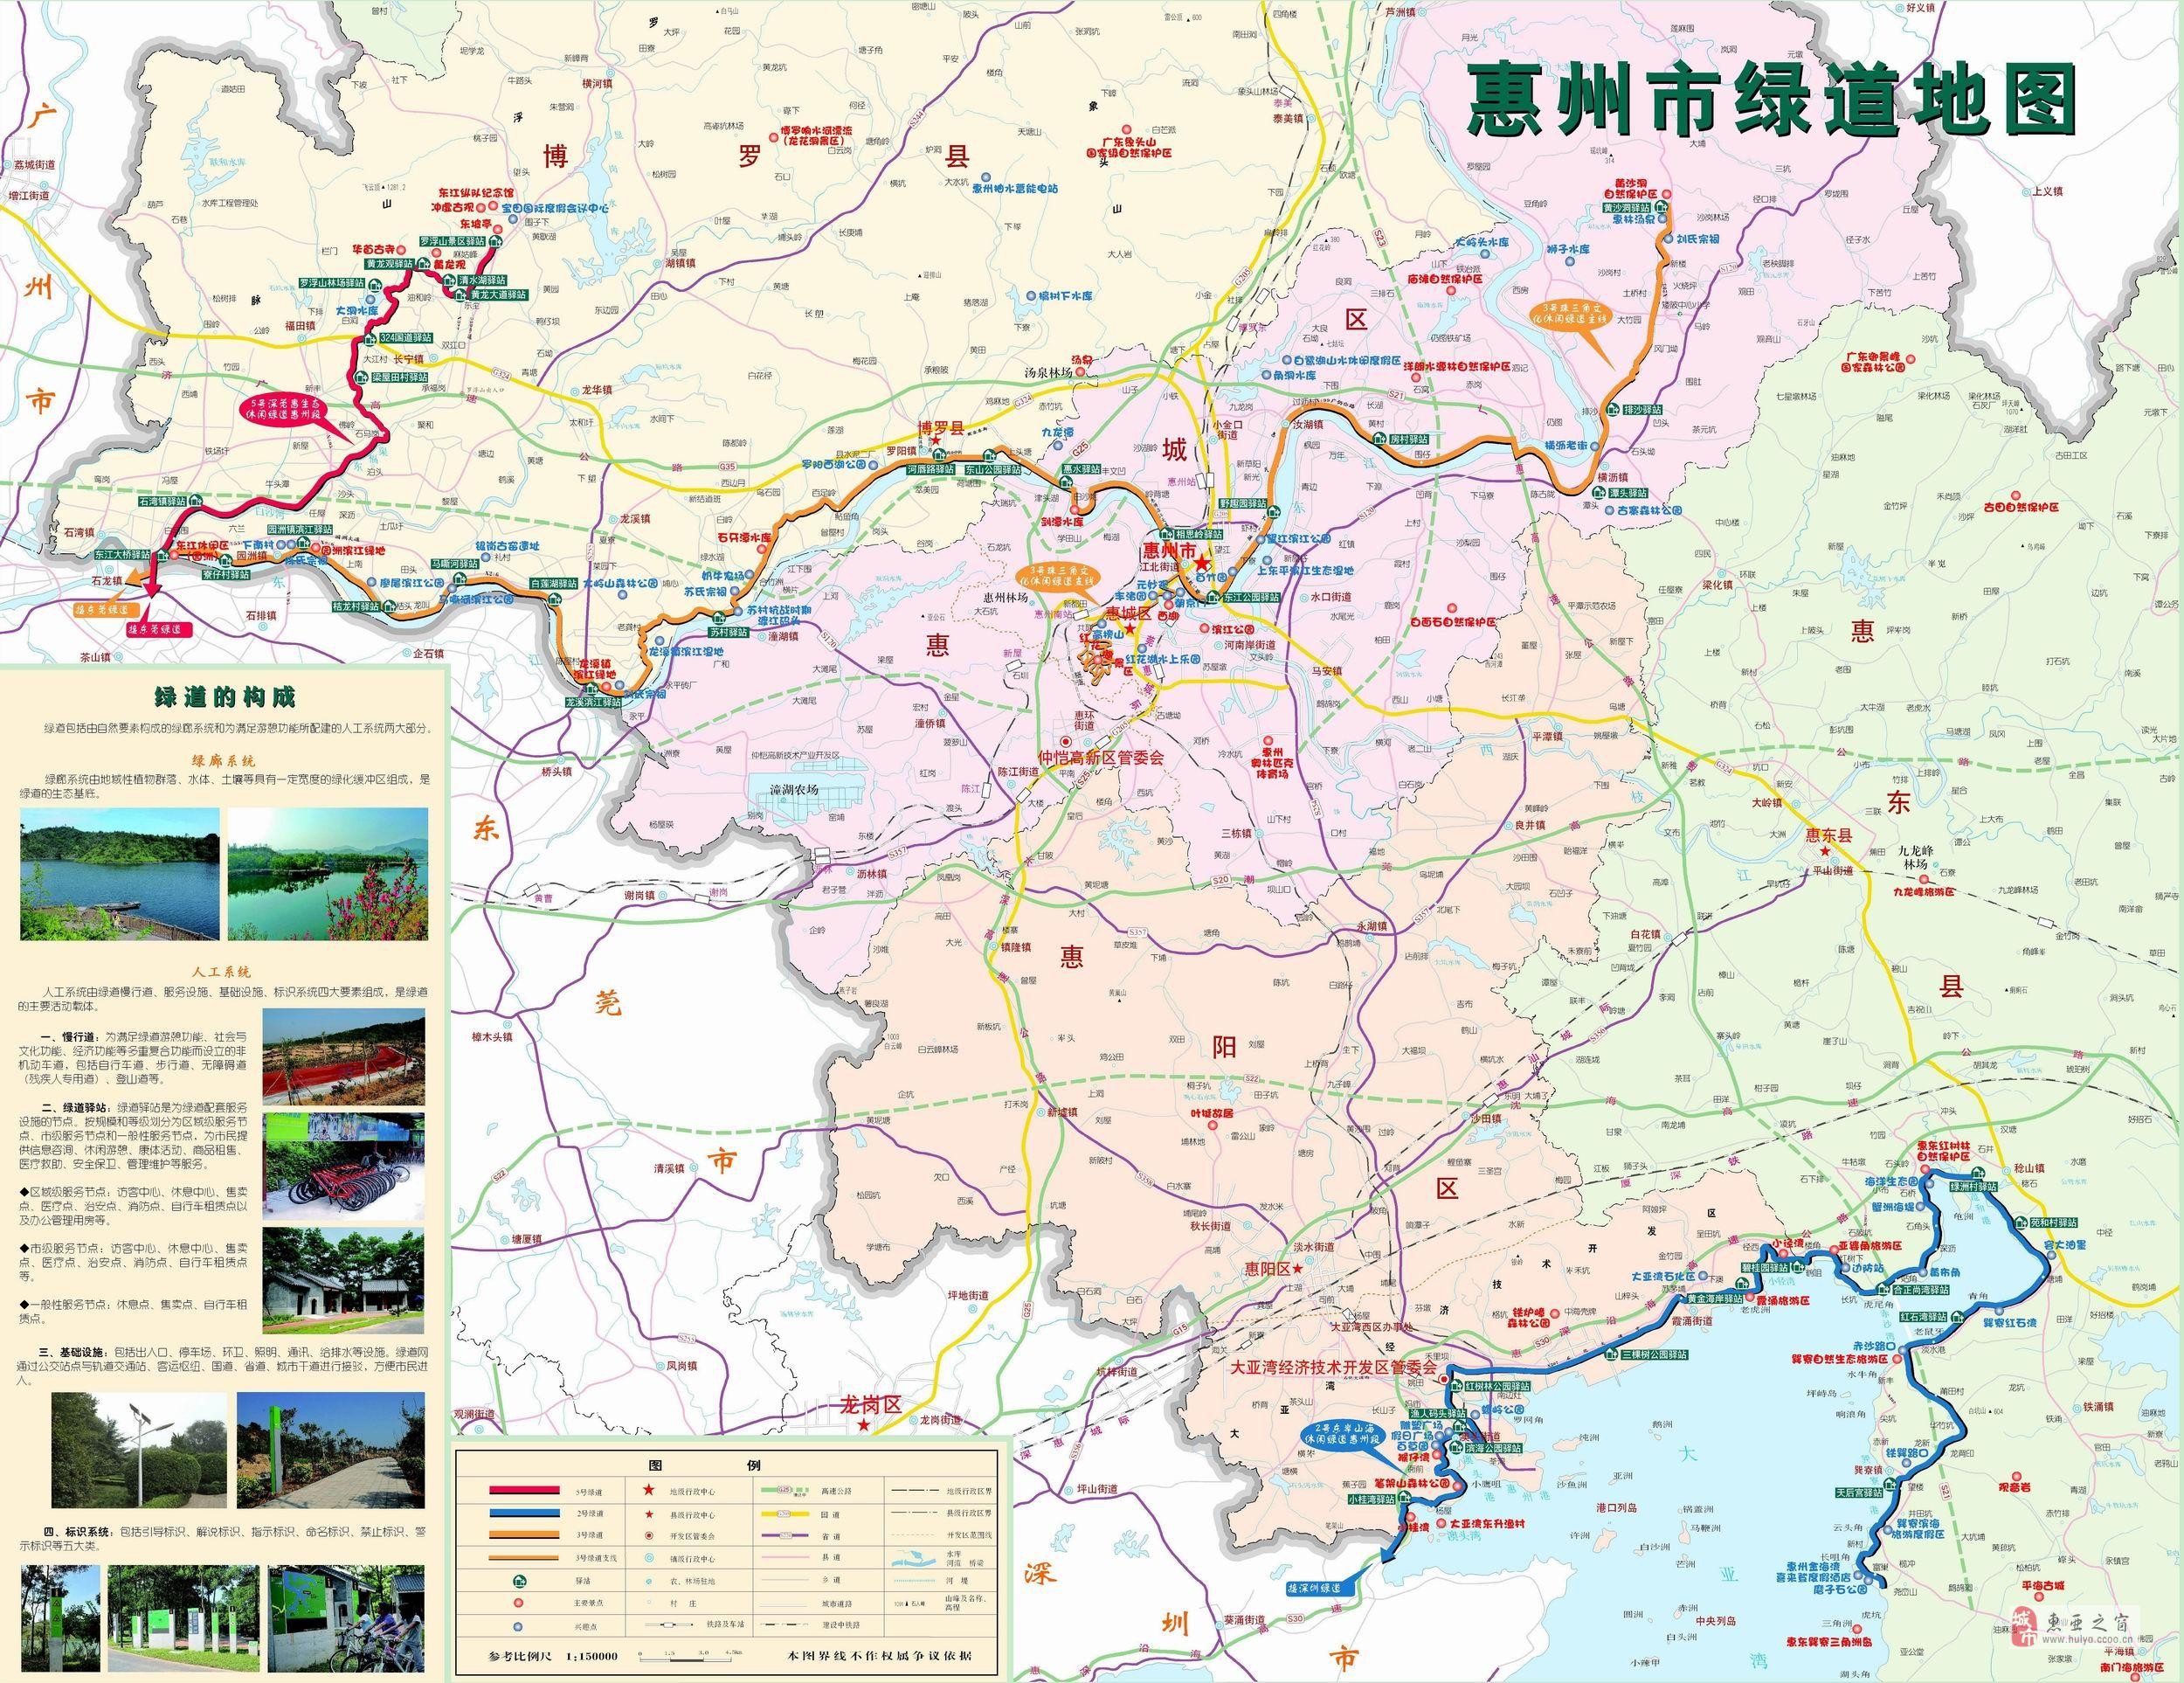 惠州-大亚湾绿道地图